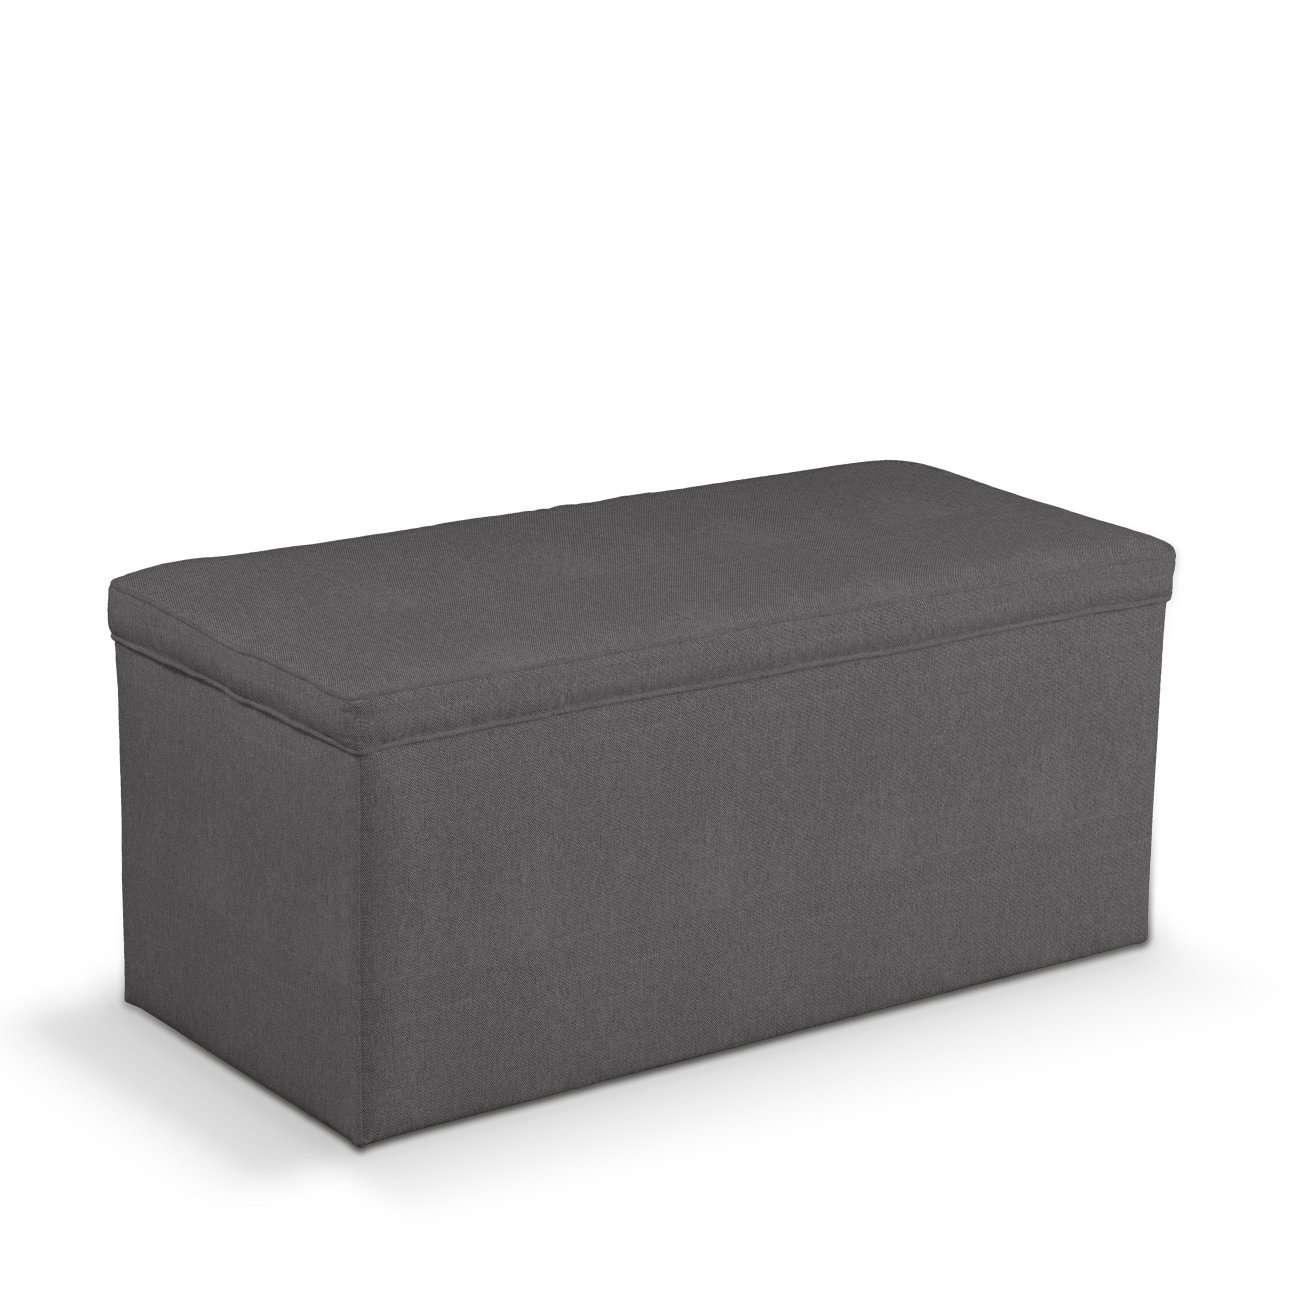 Truhe 90 x 40 x 40 cm von der Kollektion Etna, Stoff: 705-35